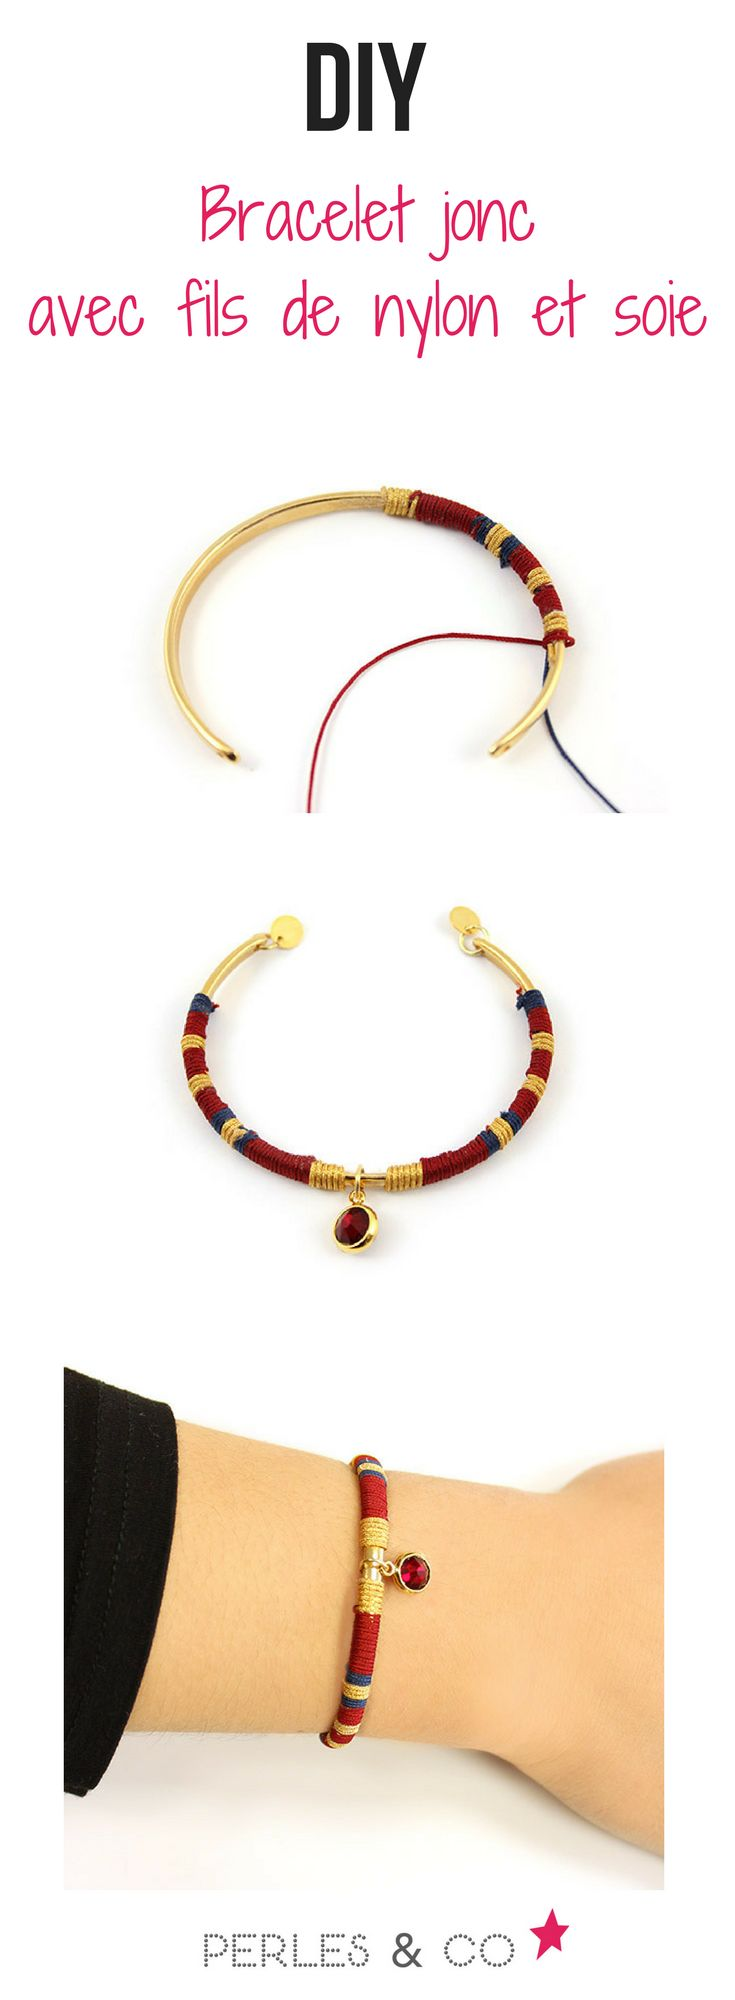 suivez de  tutoriel simple et rapide pour créer un bracelet jonc tressé avec du fil de soie et de nylon sur Perles and co. #tutoriel #perlesandco #tuto #jonc #bracelet #soie #nylon